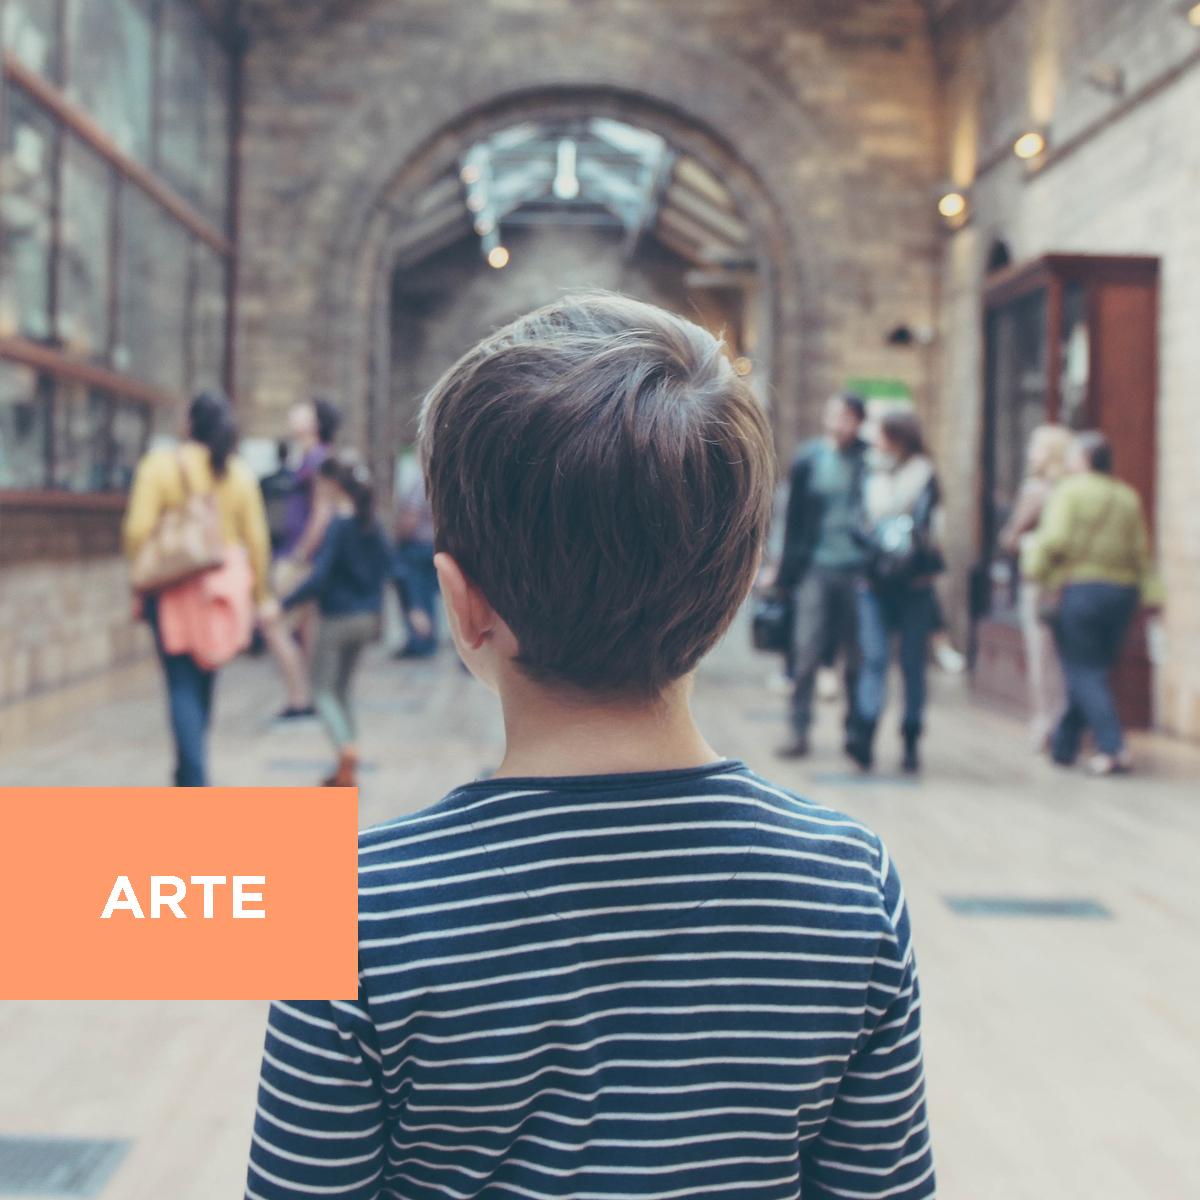 L'educazione estetica come strumento di cittadinanza